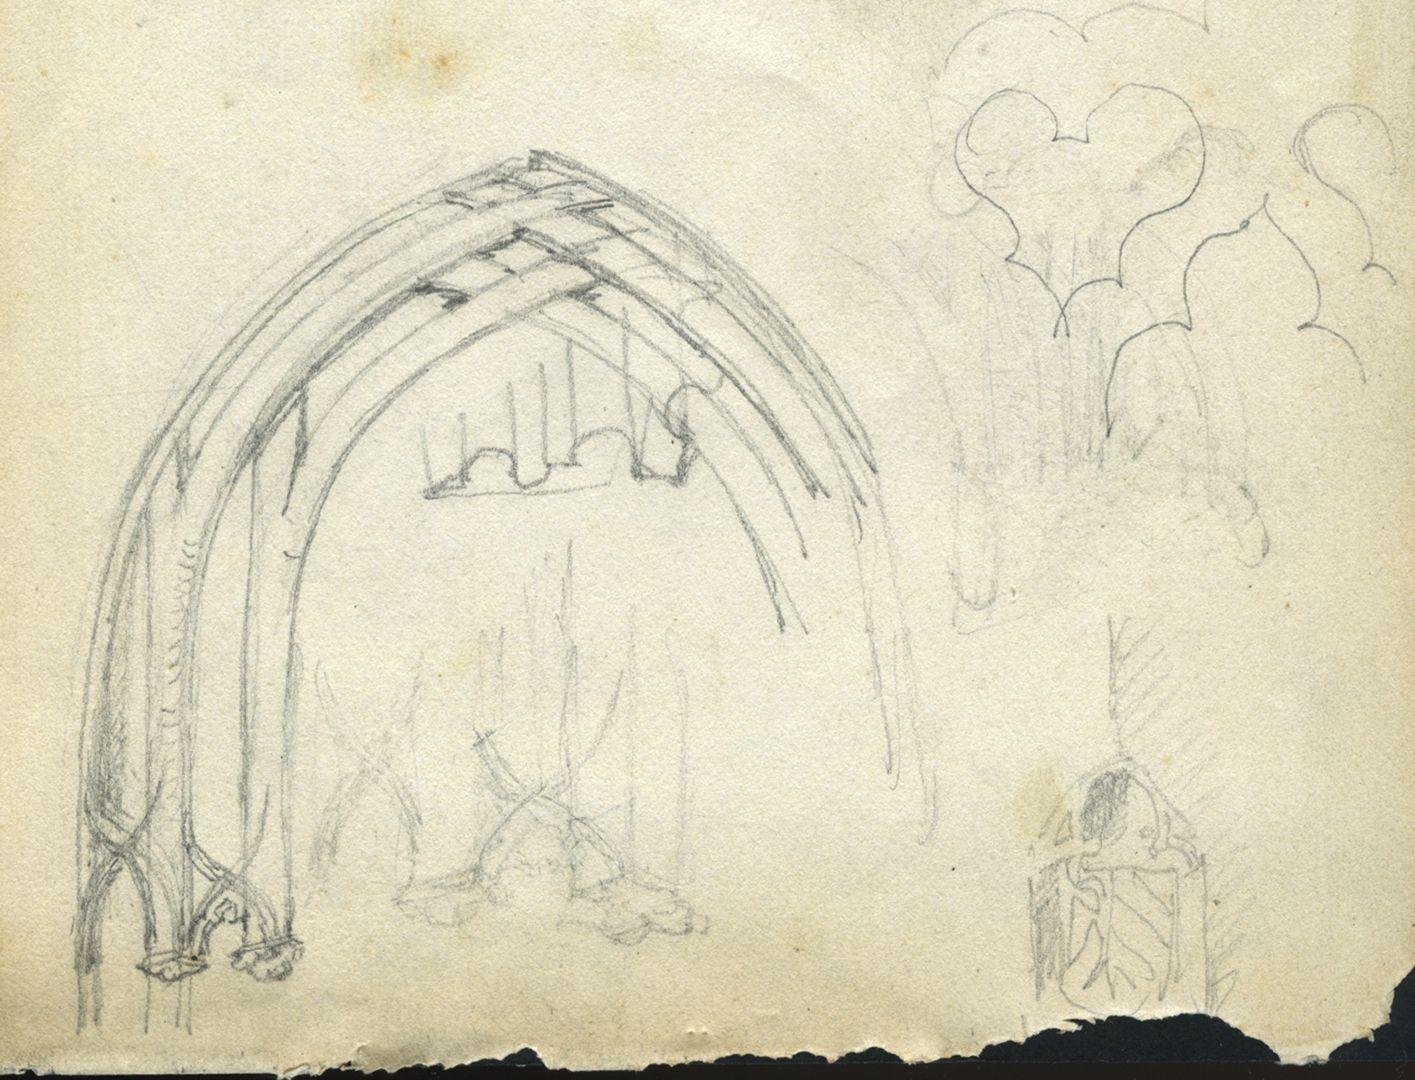 Skizzenbuch von Paul Ritter Nürnberg, Unschlitthaus, Portaldetails, untere Blatthälfte, unten rechts die SW-Ecke mit Stadtwappen und Astwerk